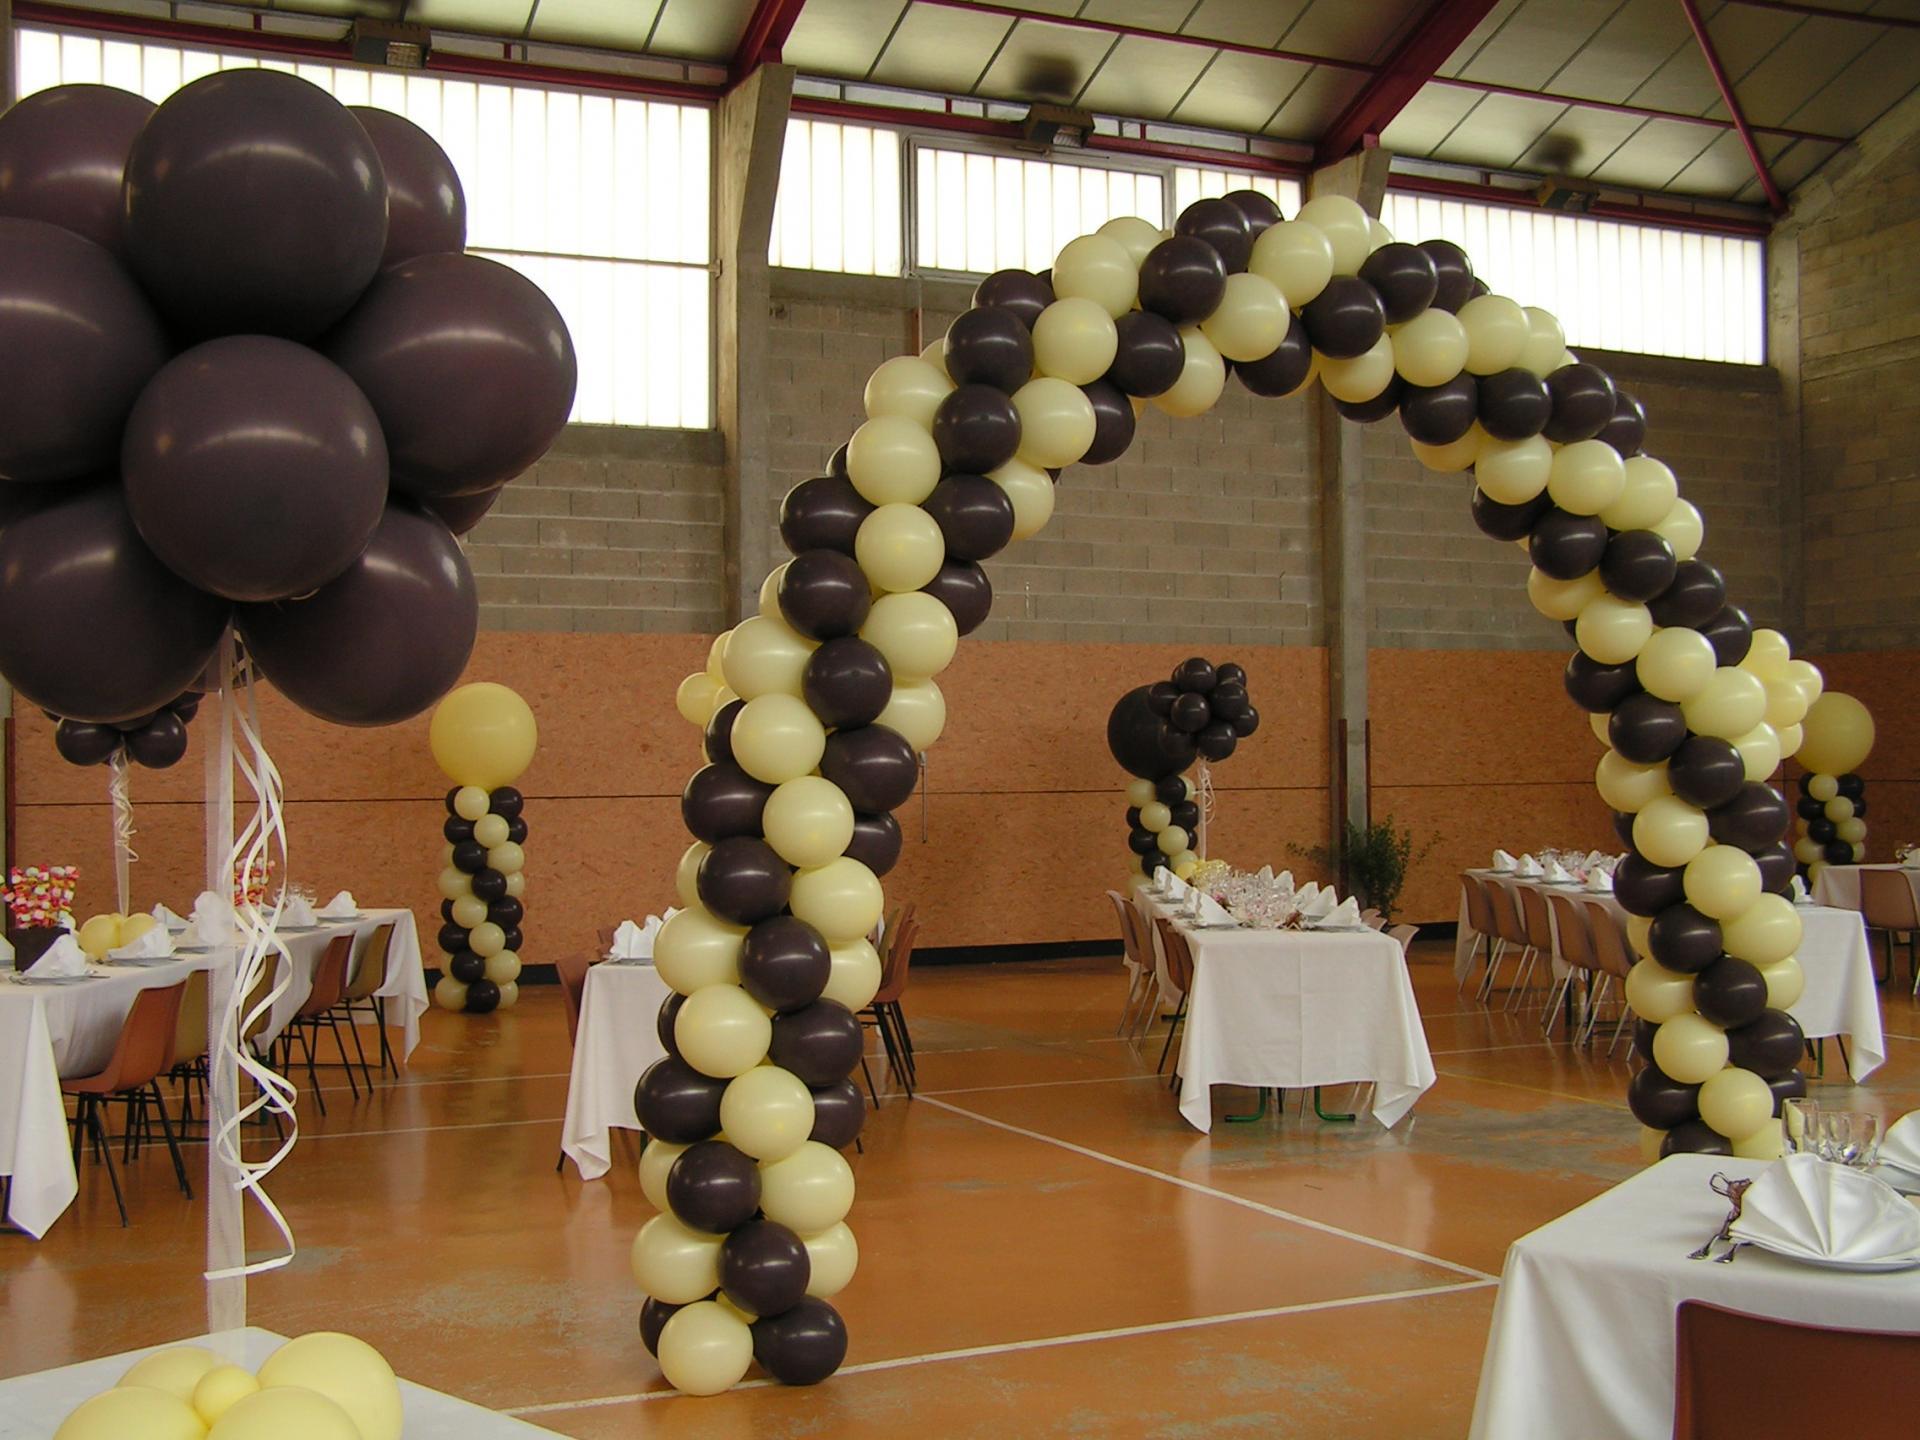 arche ballons pour v nement. Black Bedroom Furniture Sets. Home Design Ideas